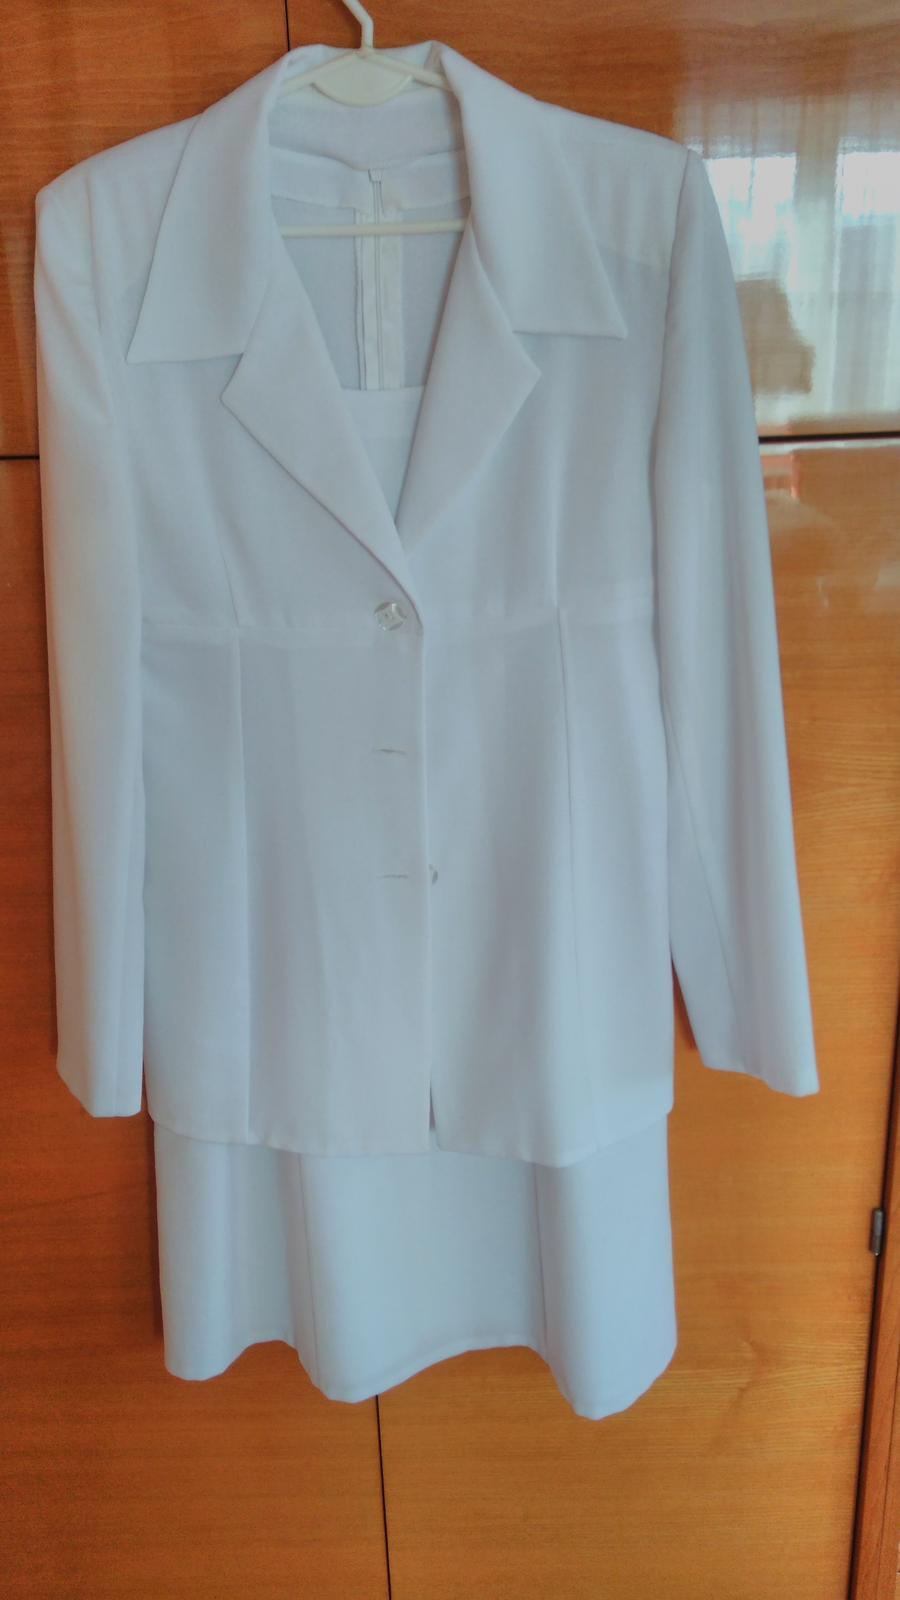 letní šaty se sakem - Obrázek č. 1